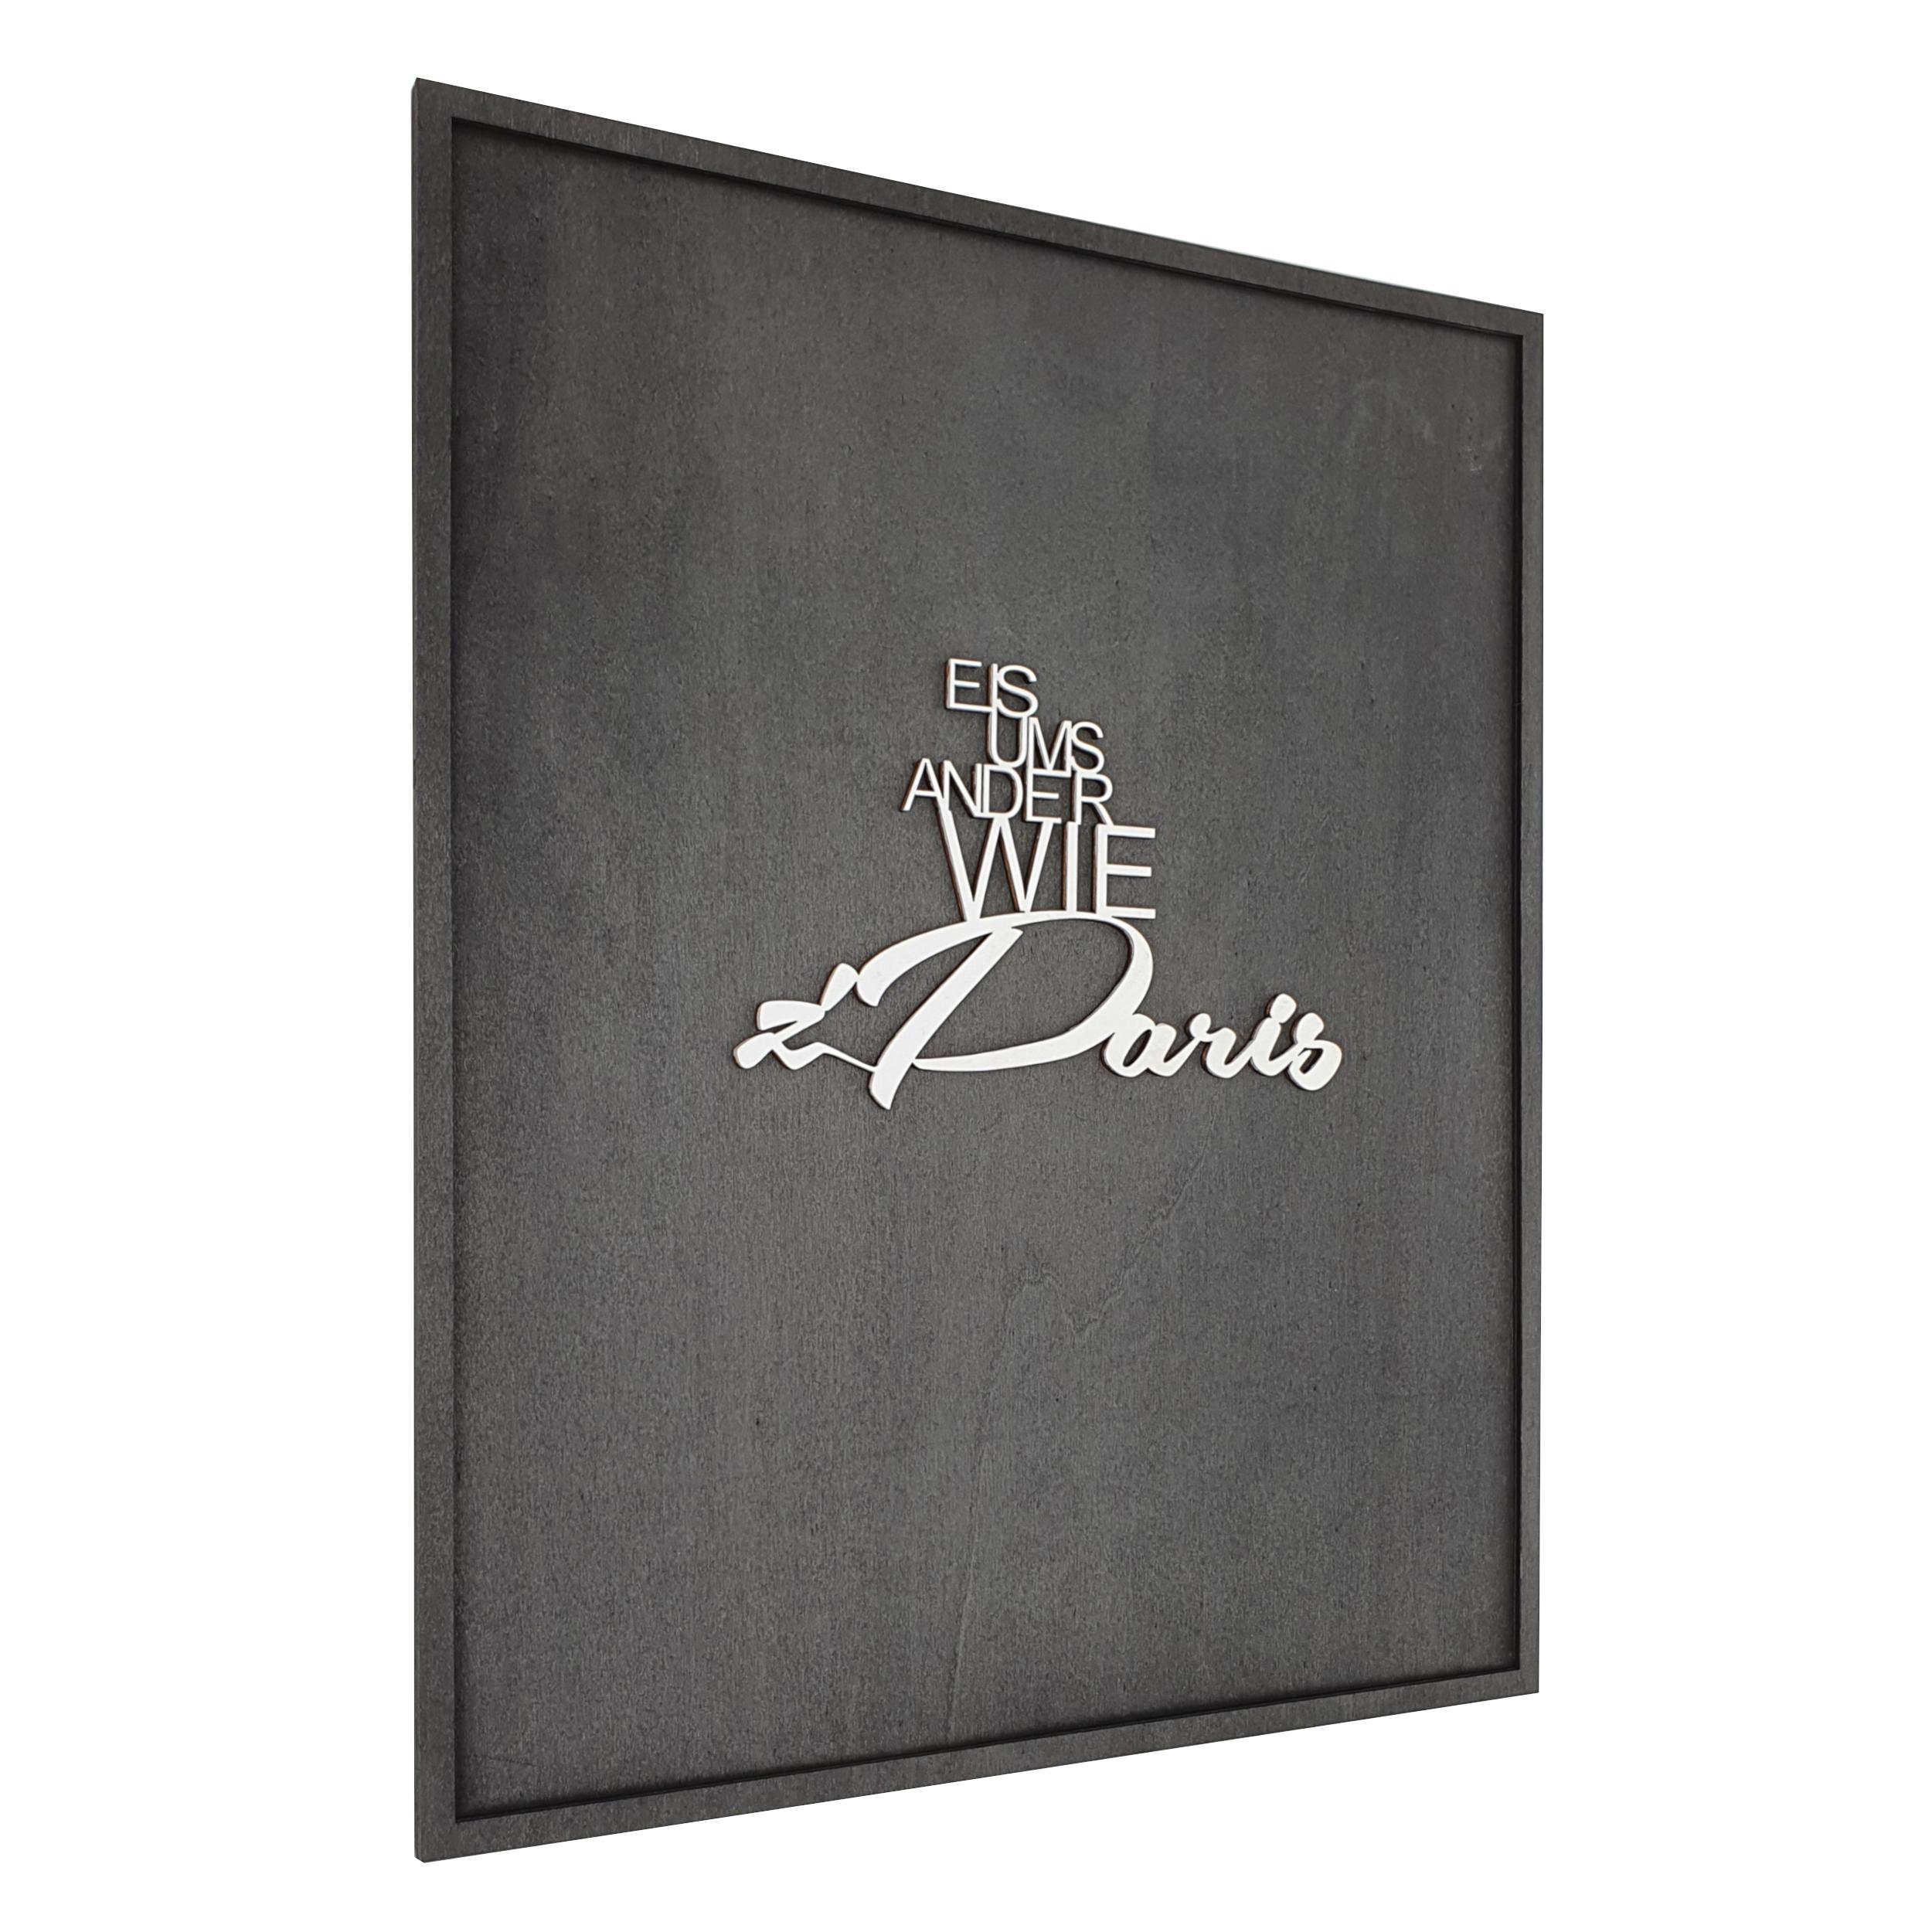 EIS UMS ANDER WIE Z'PARIS (BLACK SERIES) 02